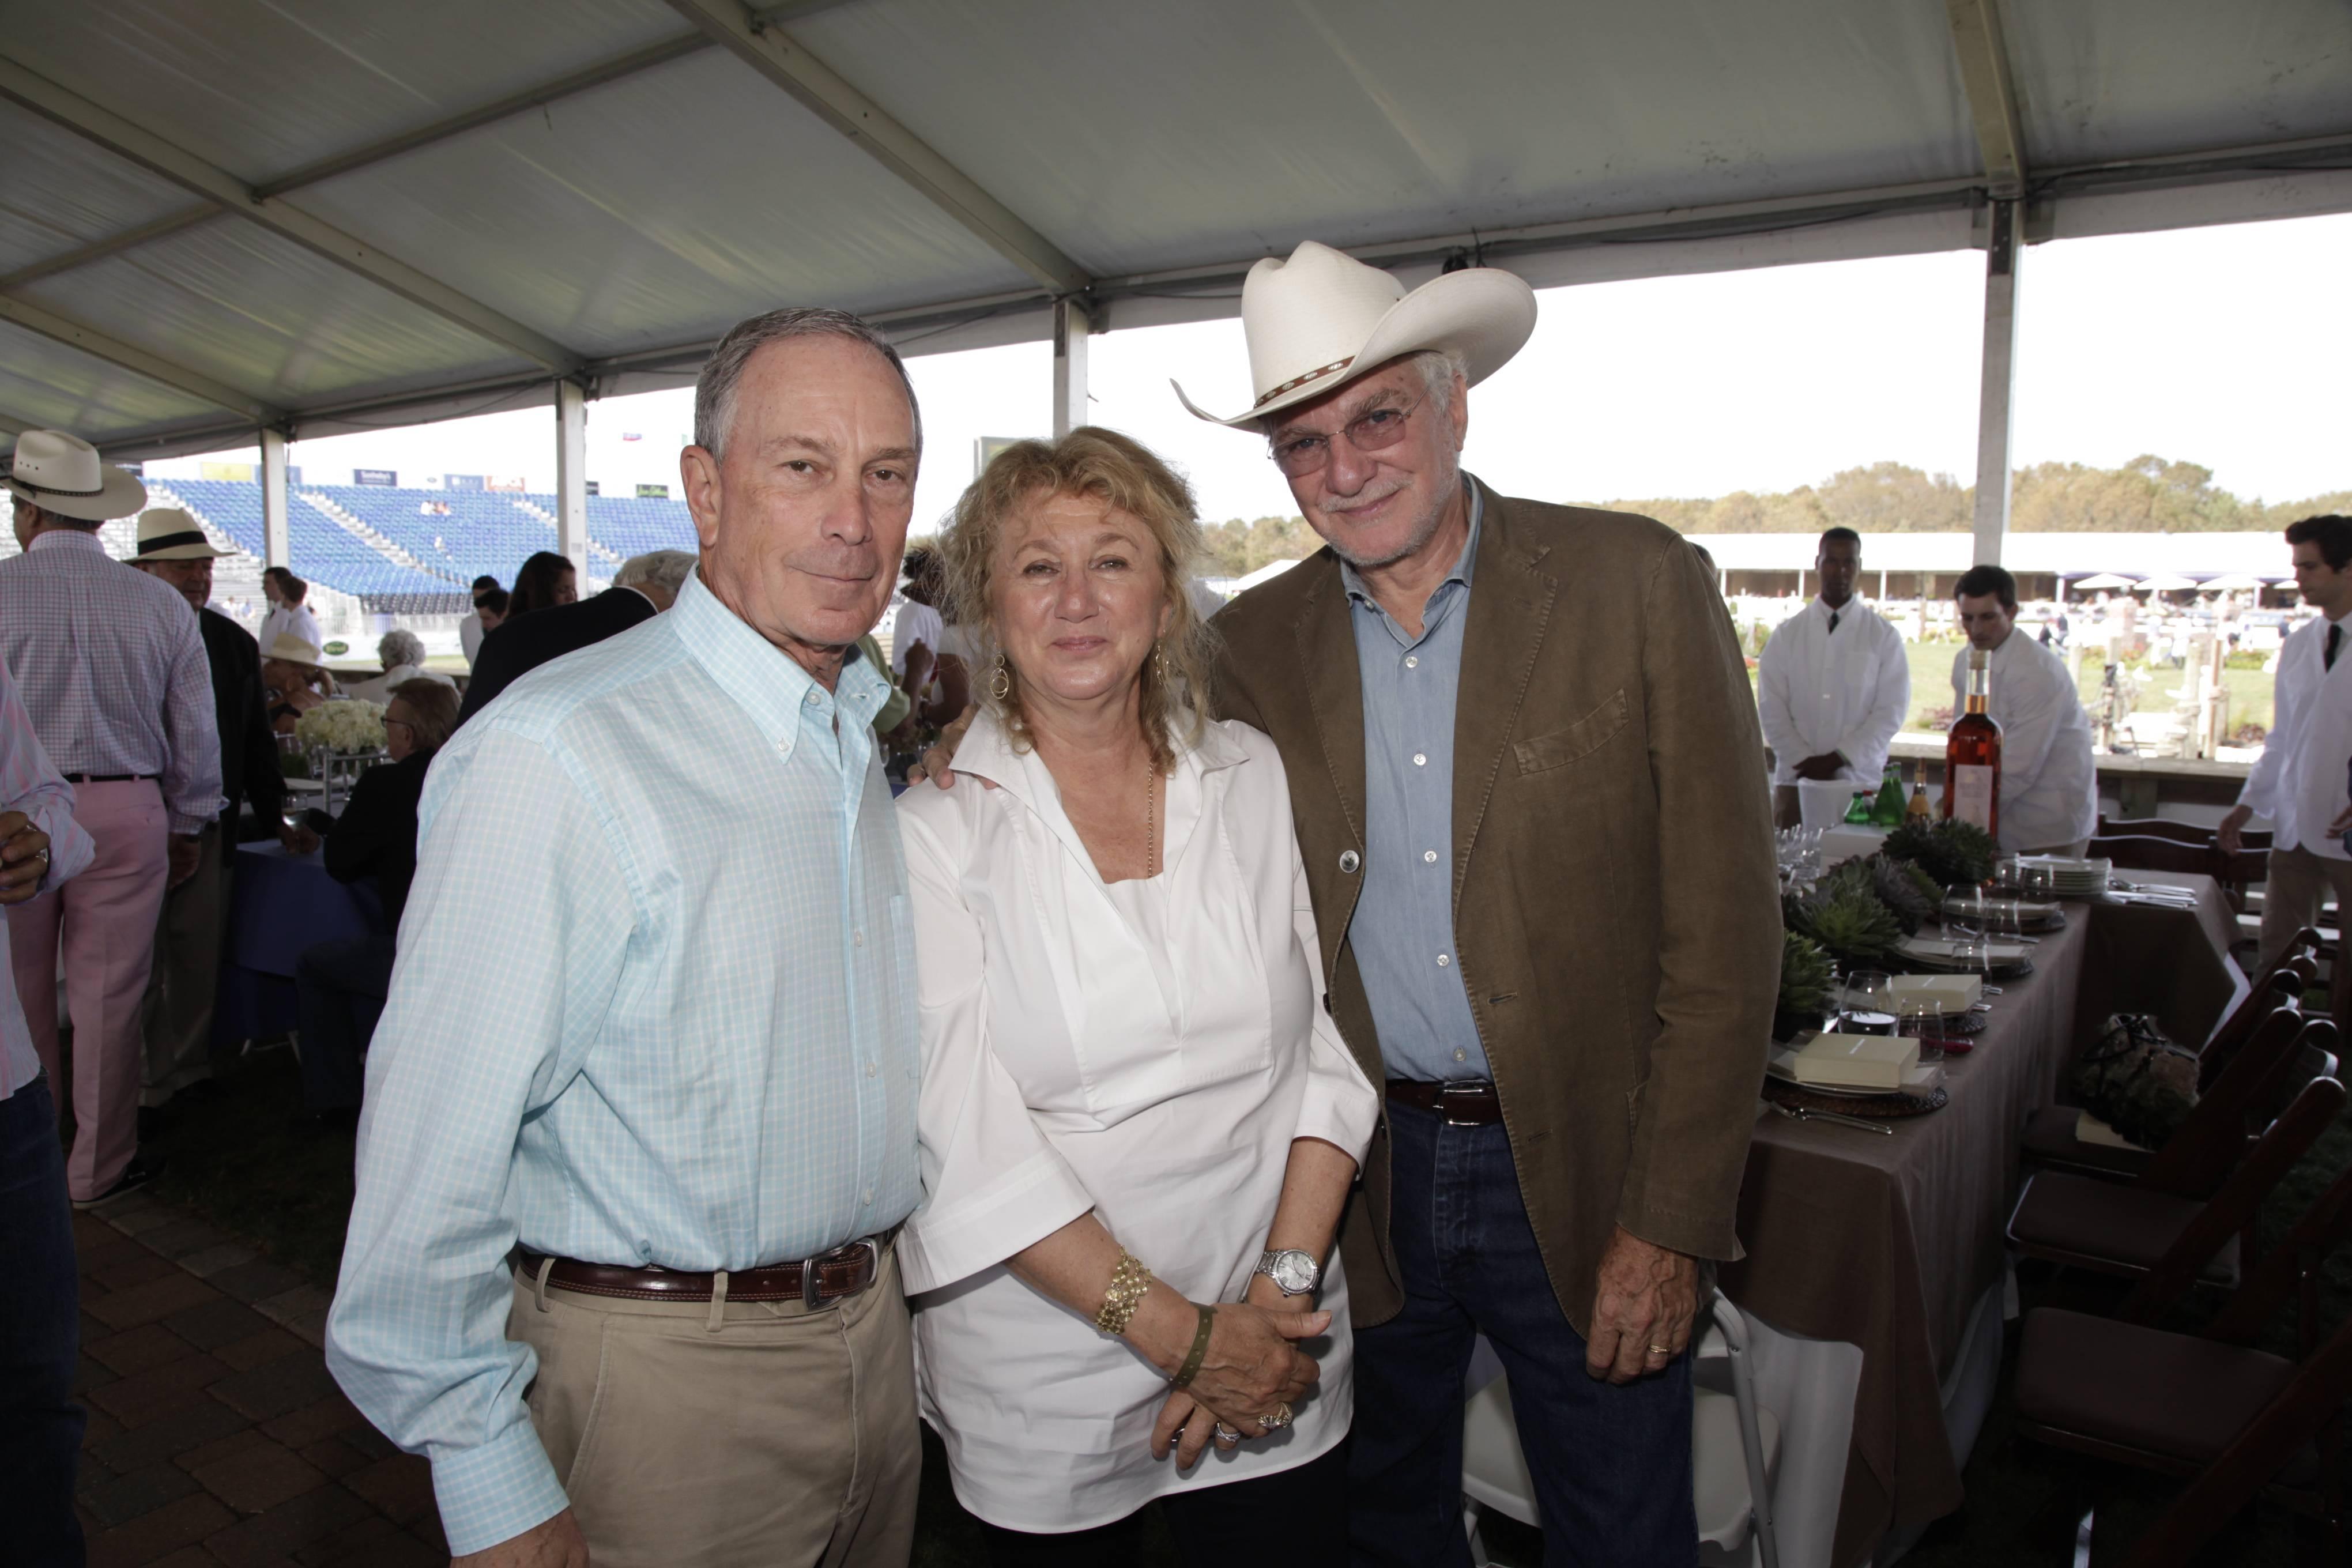 Mayor Bloomberg, SY, DY